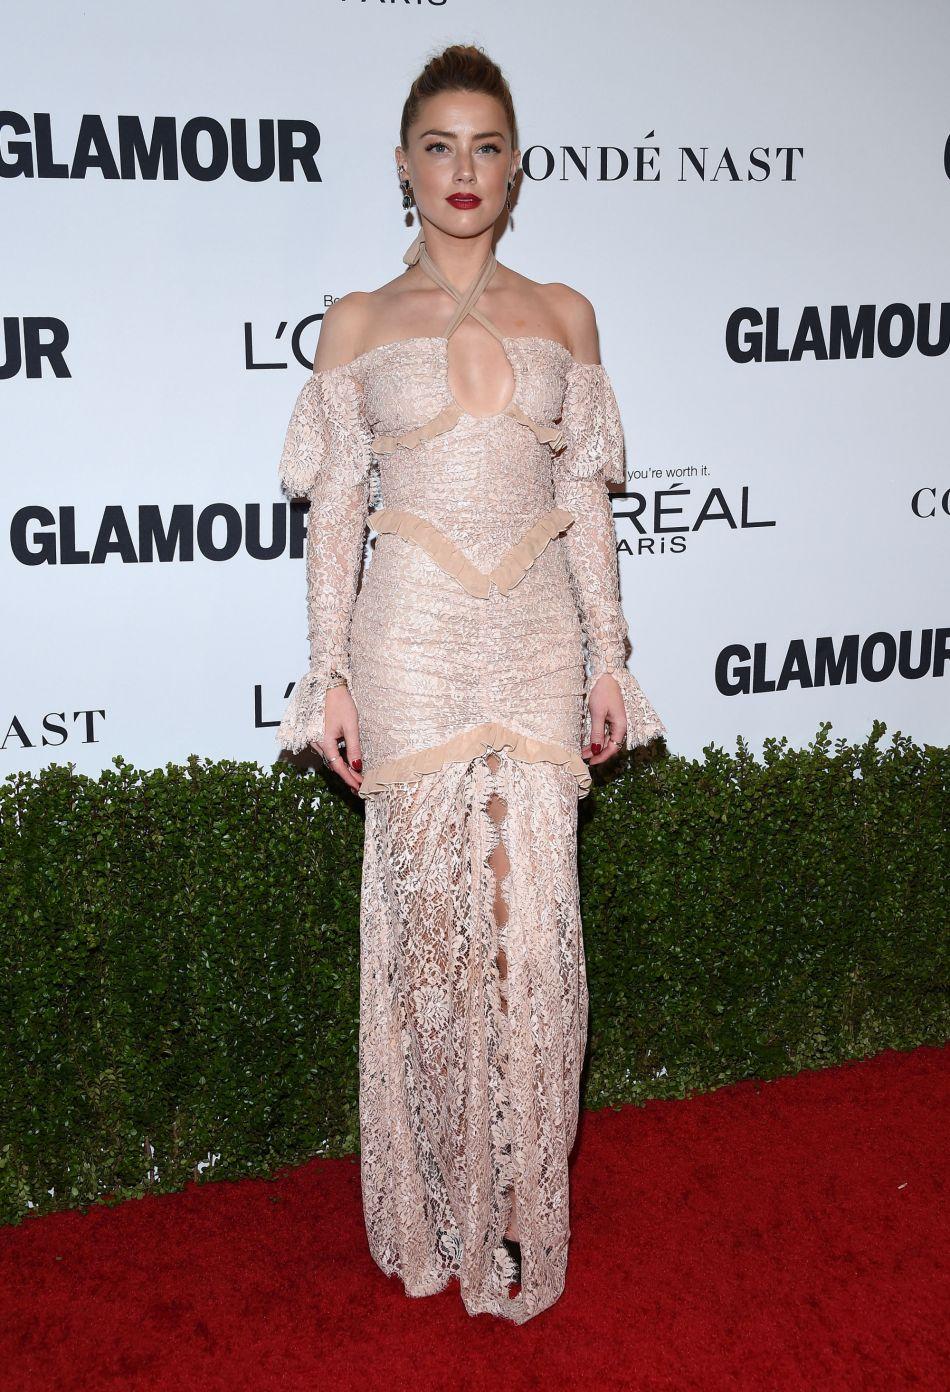 Amber Heard avait annoncé vouloir donner l'argent de son divorce à des oeuvres caritatives.